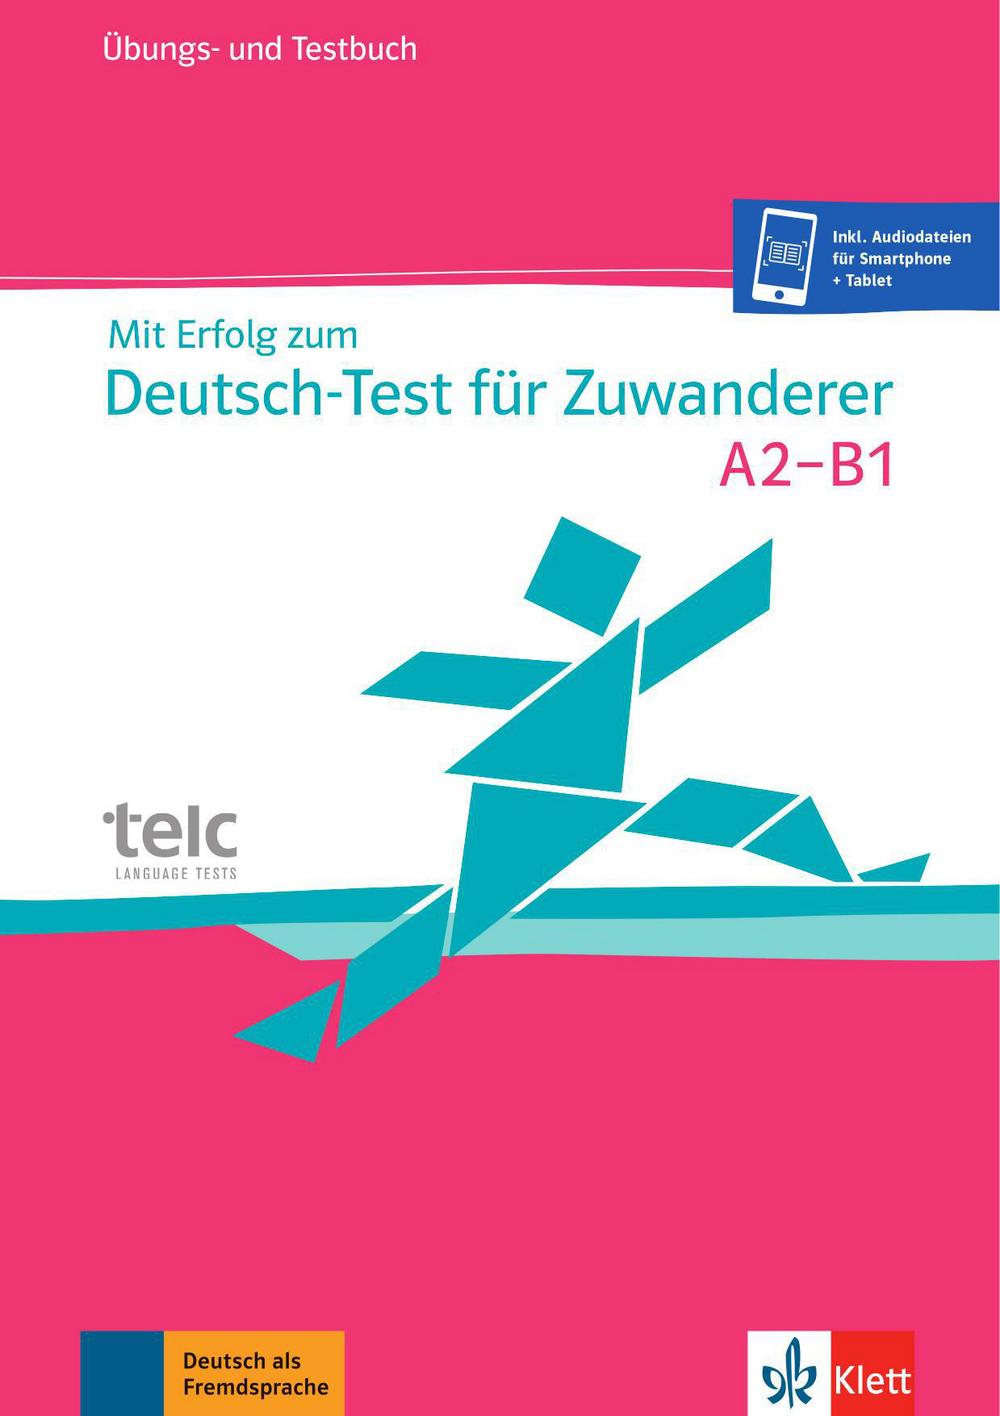 Mit Erfolg zum Deutsch-Test für Zuwanderer